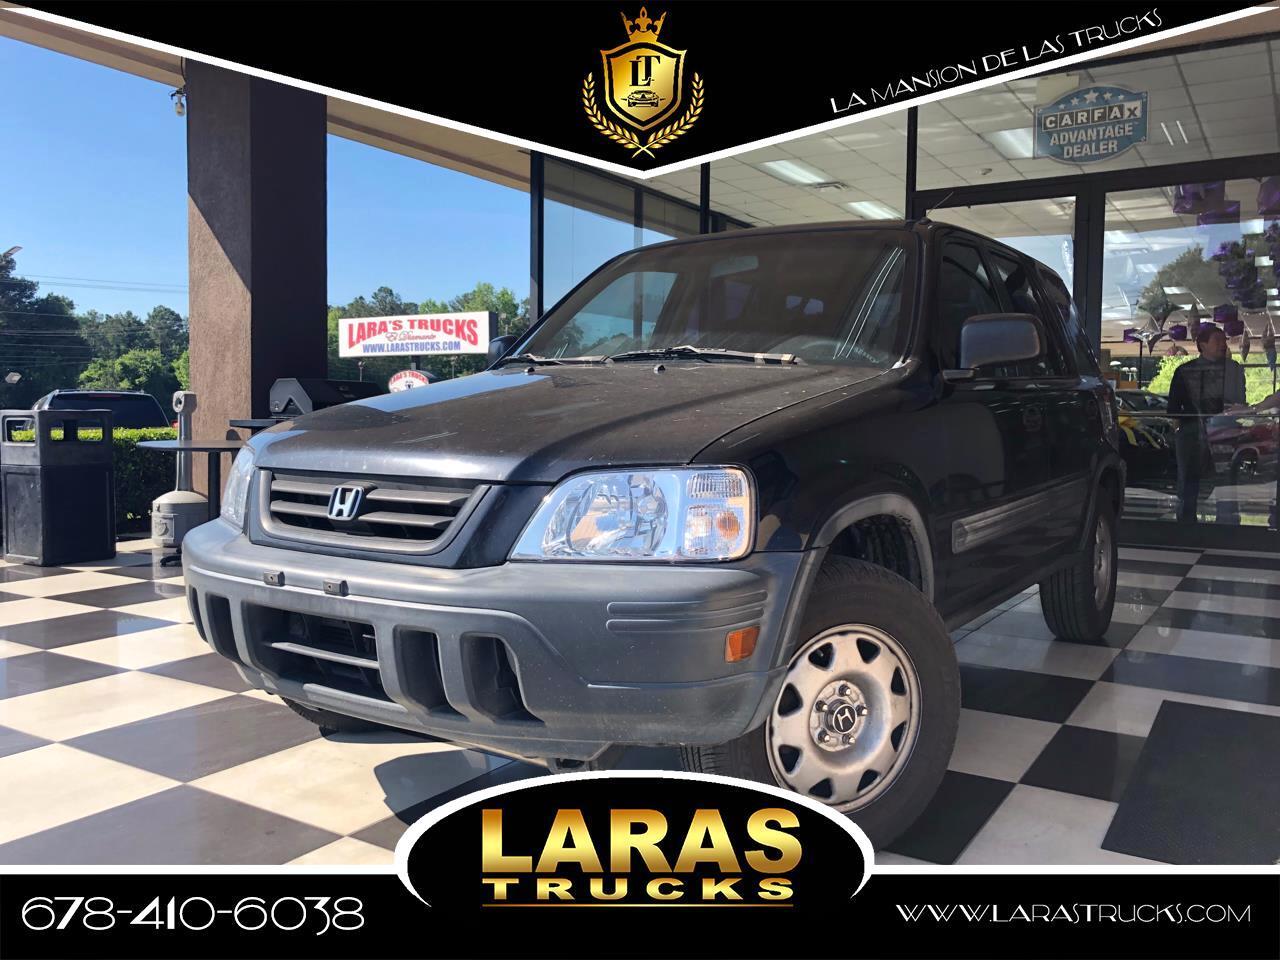 2001 Honda CR-V 2WD 5dr LX